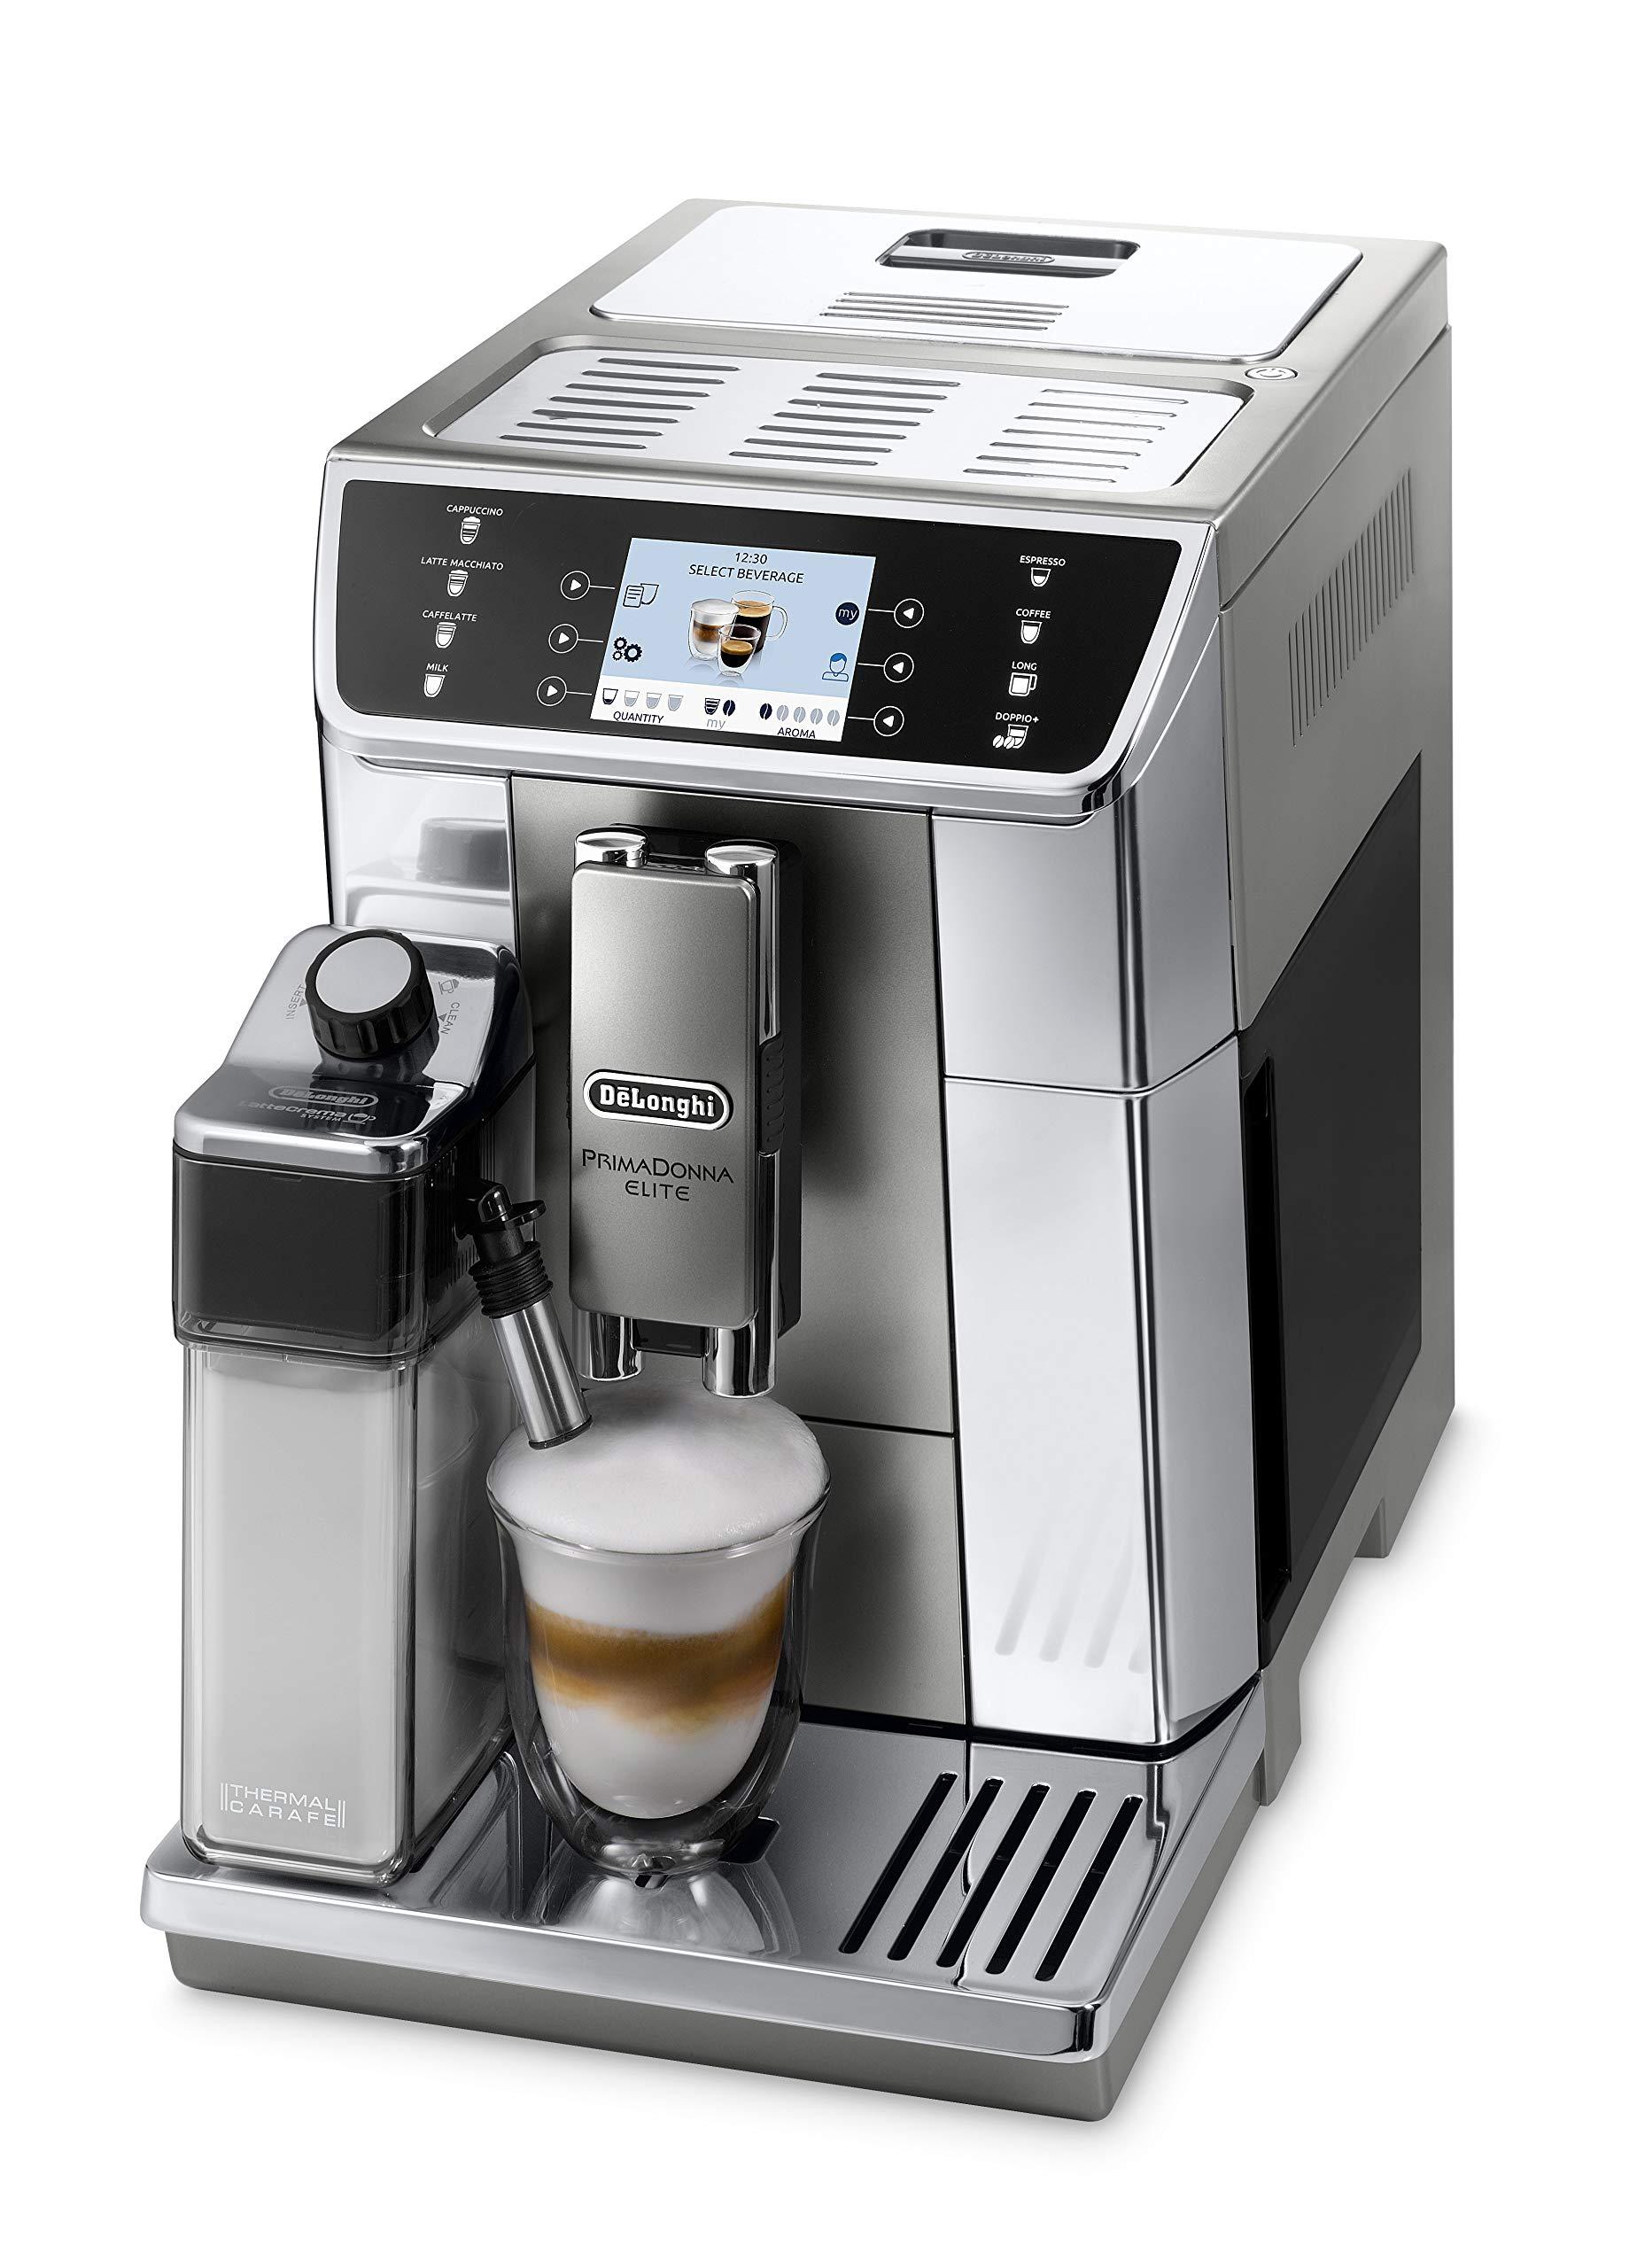 DeLonghi-PrimaDonna-Elite-ECAM-65655MS-Kaffeevollautomat-Farbdisplay-8-Sensortouch-Direktwahltasten-Integriertes-Milchsystem-APP-Steuerung-Edelstahlfront-2-Tassen-Funktion